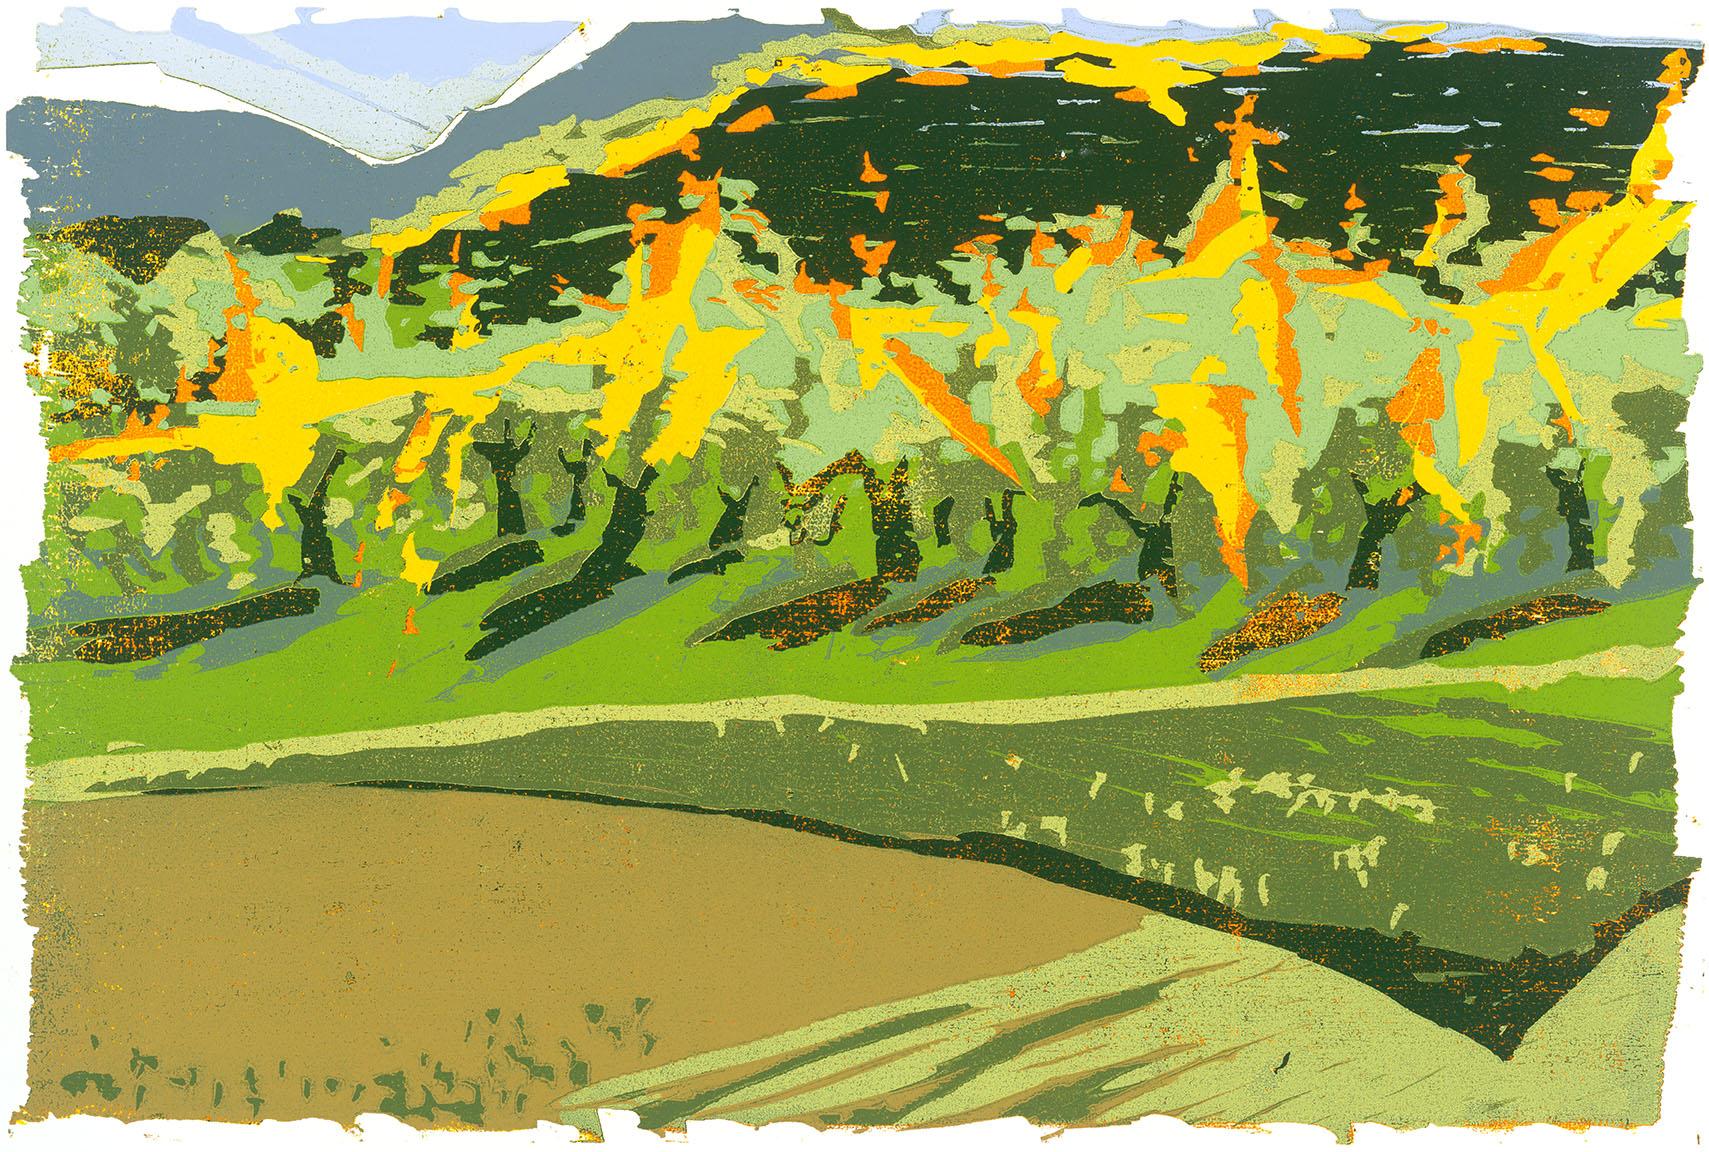 Apfelbäume_im_Sonnenlicht_(2013,_Farbholzschnitt,_40_×_60_cm).jpg